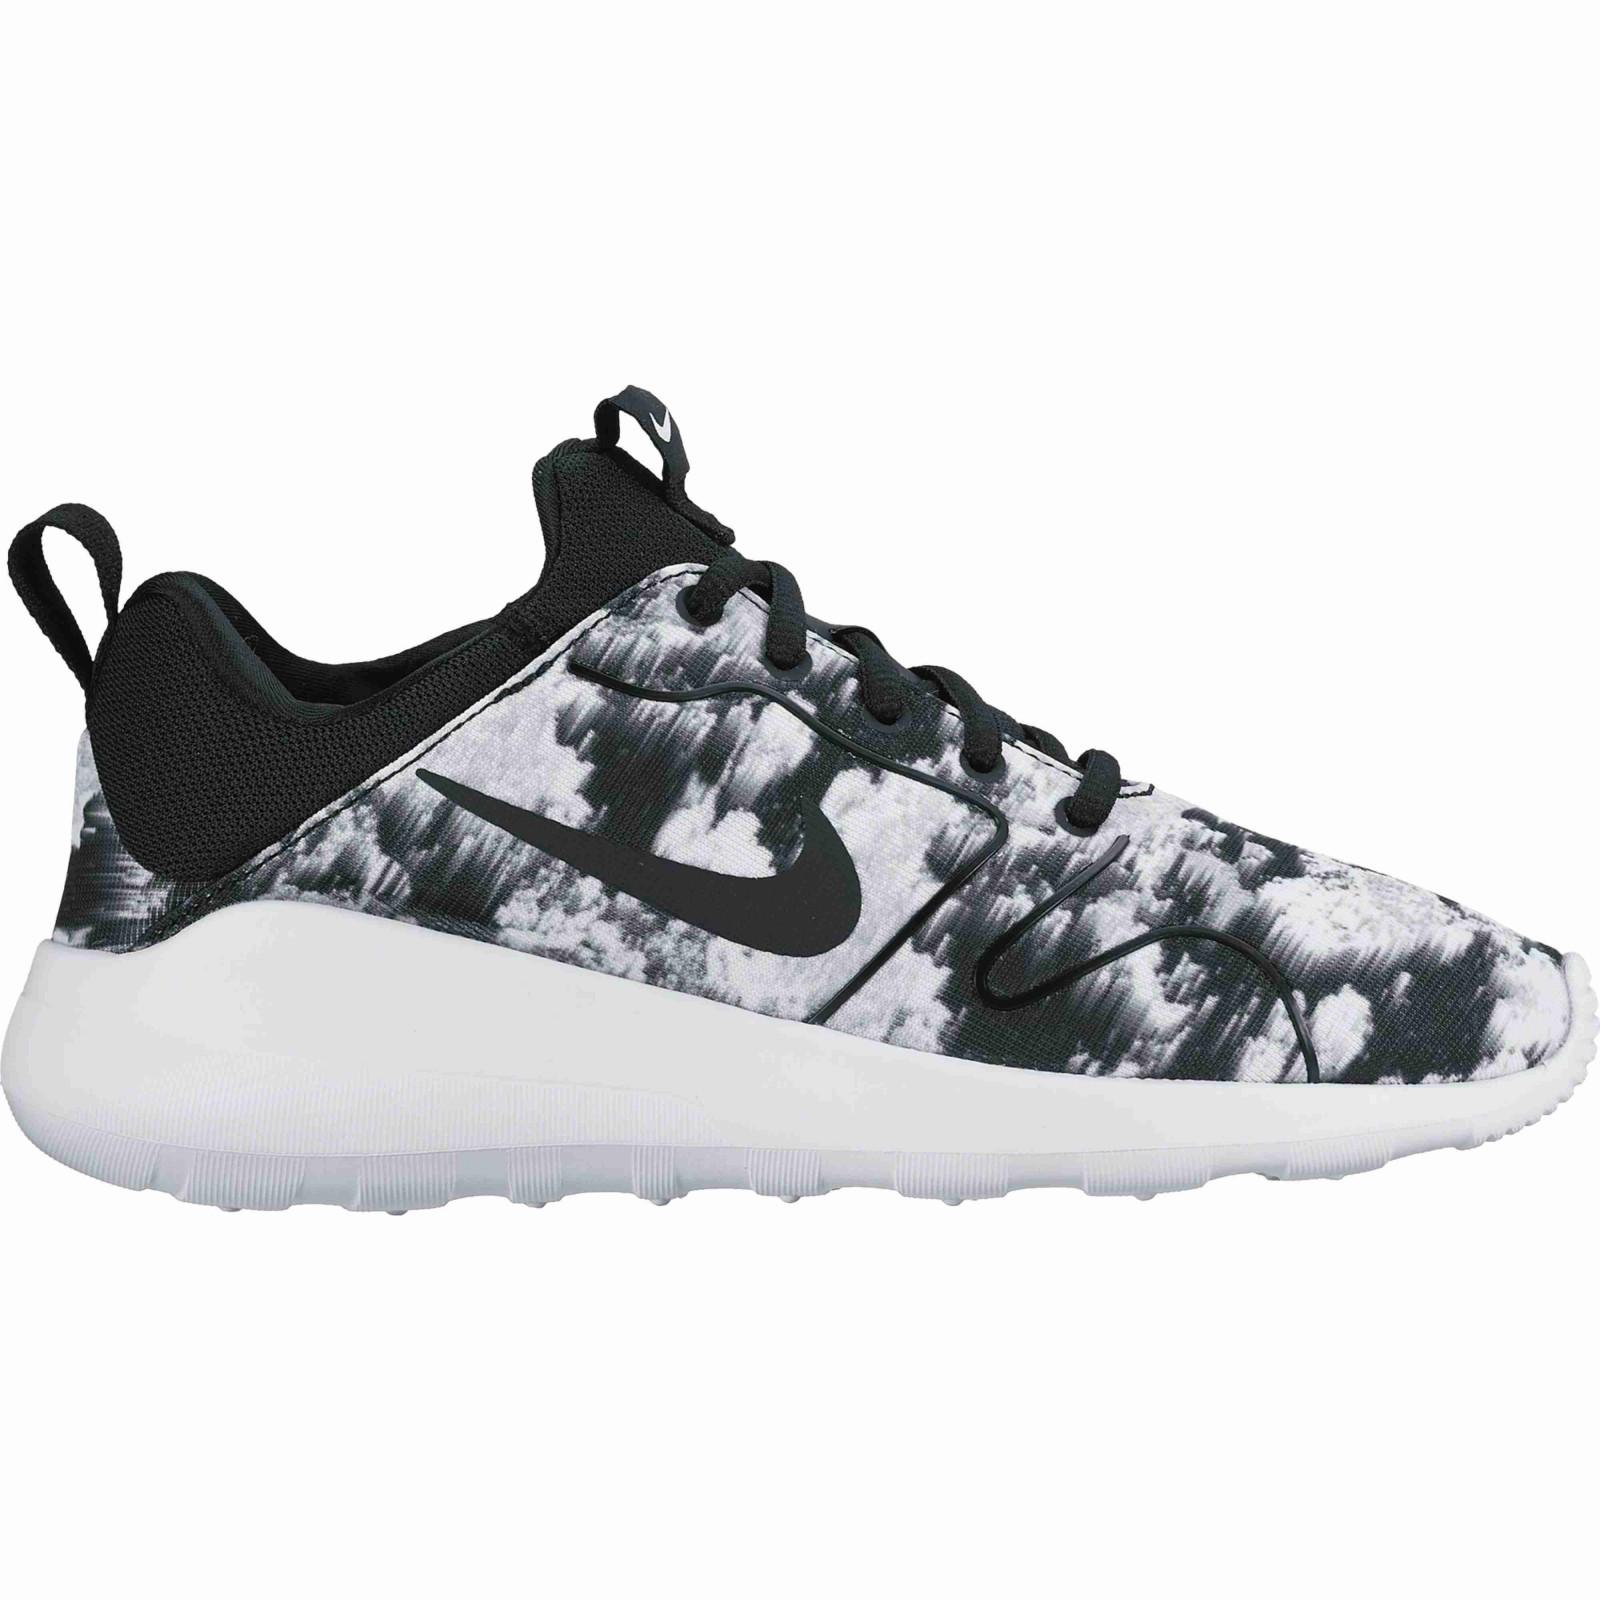 c12100998b7 Dámské tenisky Nike WMNS KAISHI 2.0 PRINT